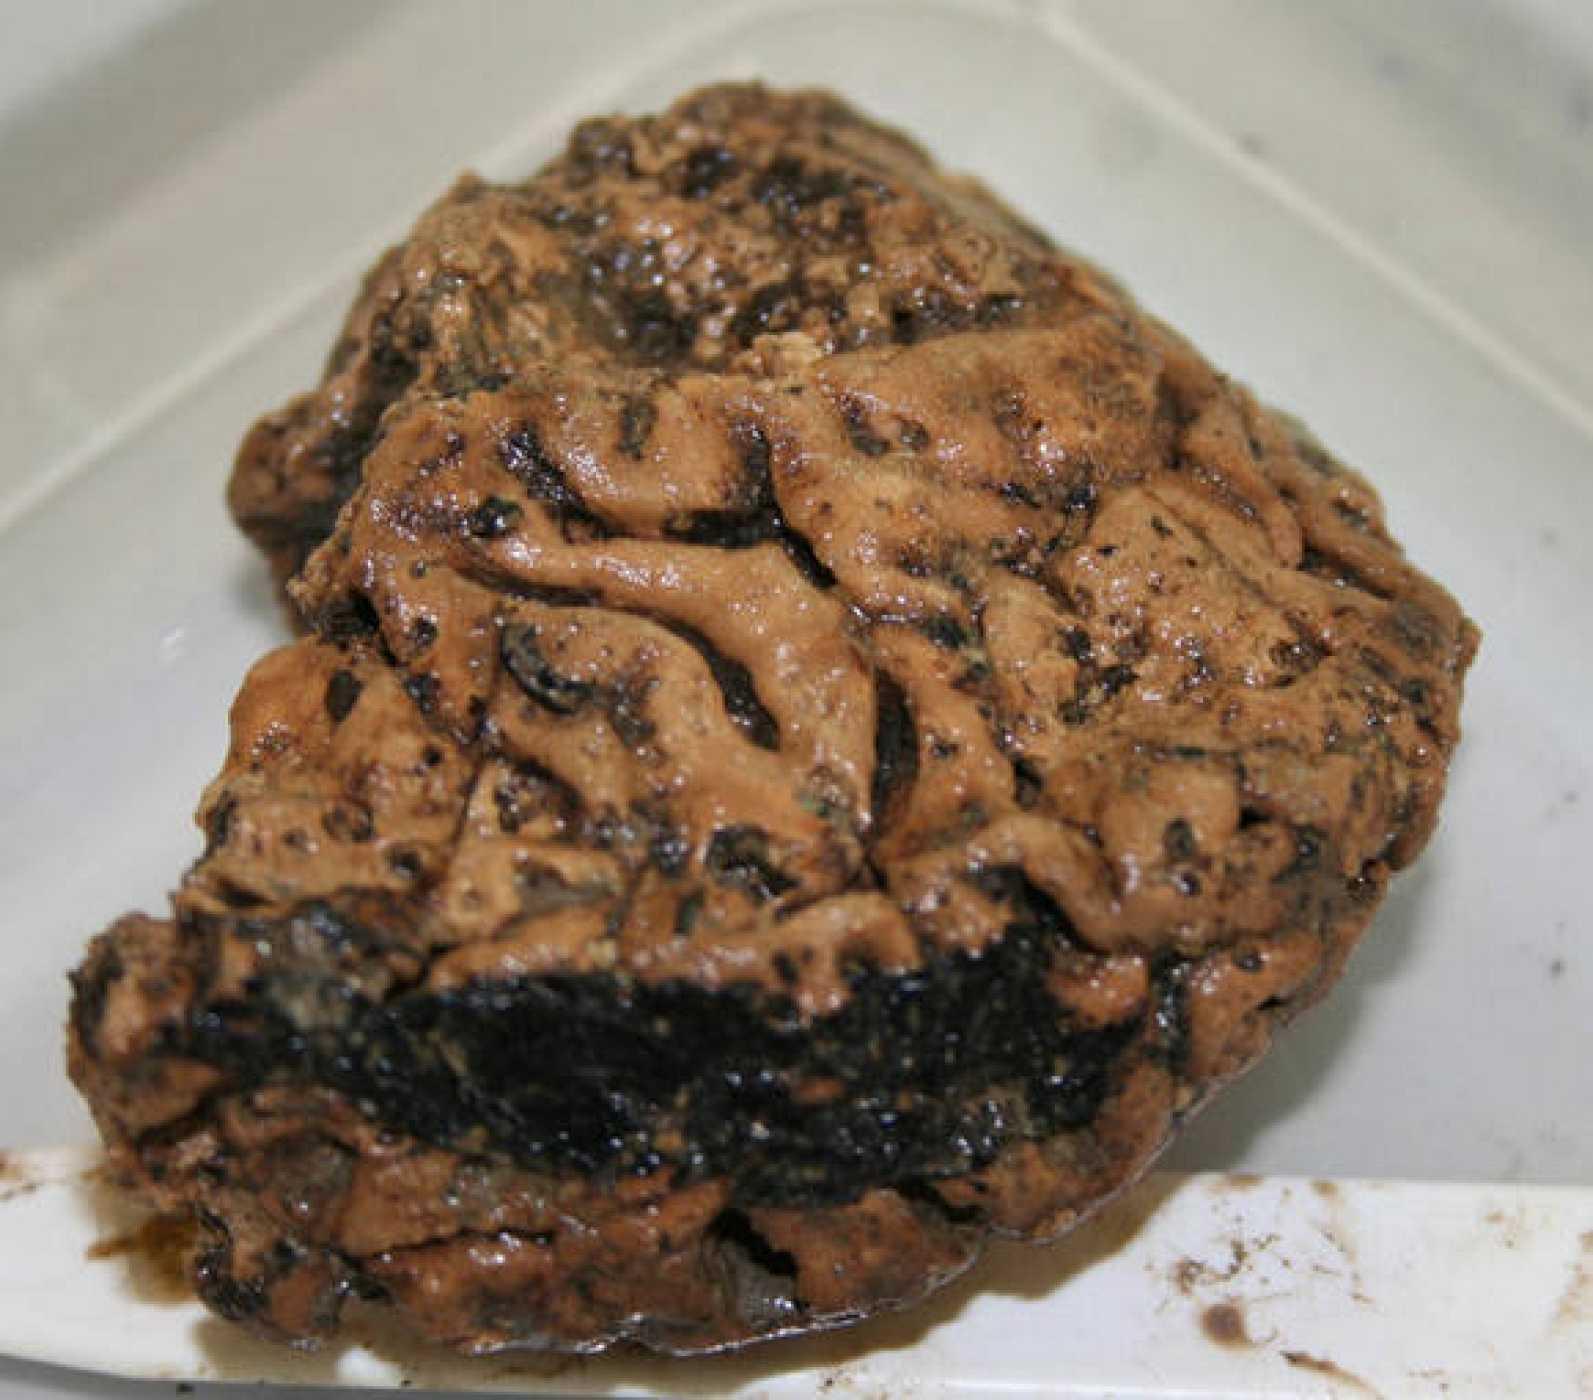 El cerebro se ha conservado en perfectas condiciones durante casi 2.700 años